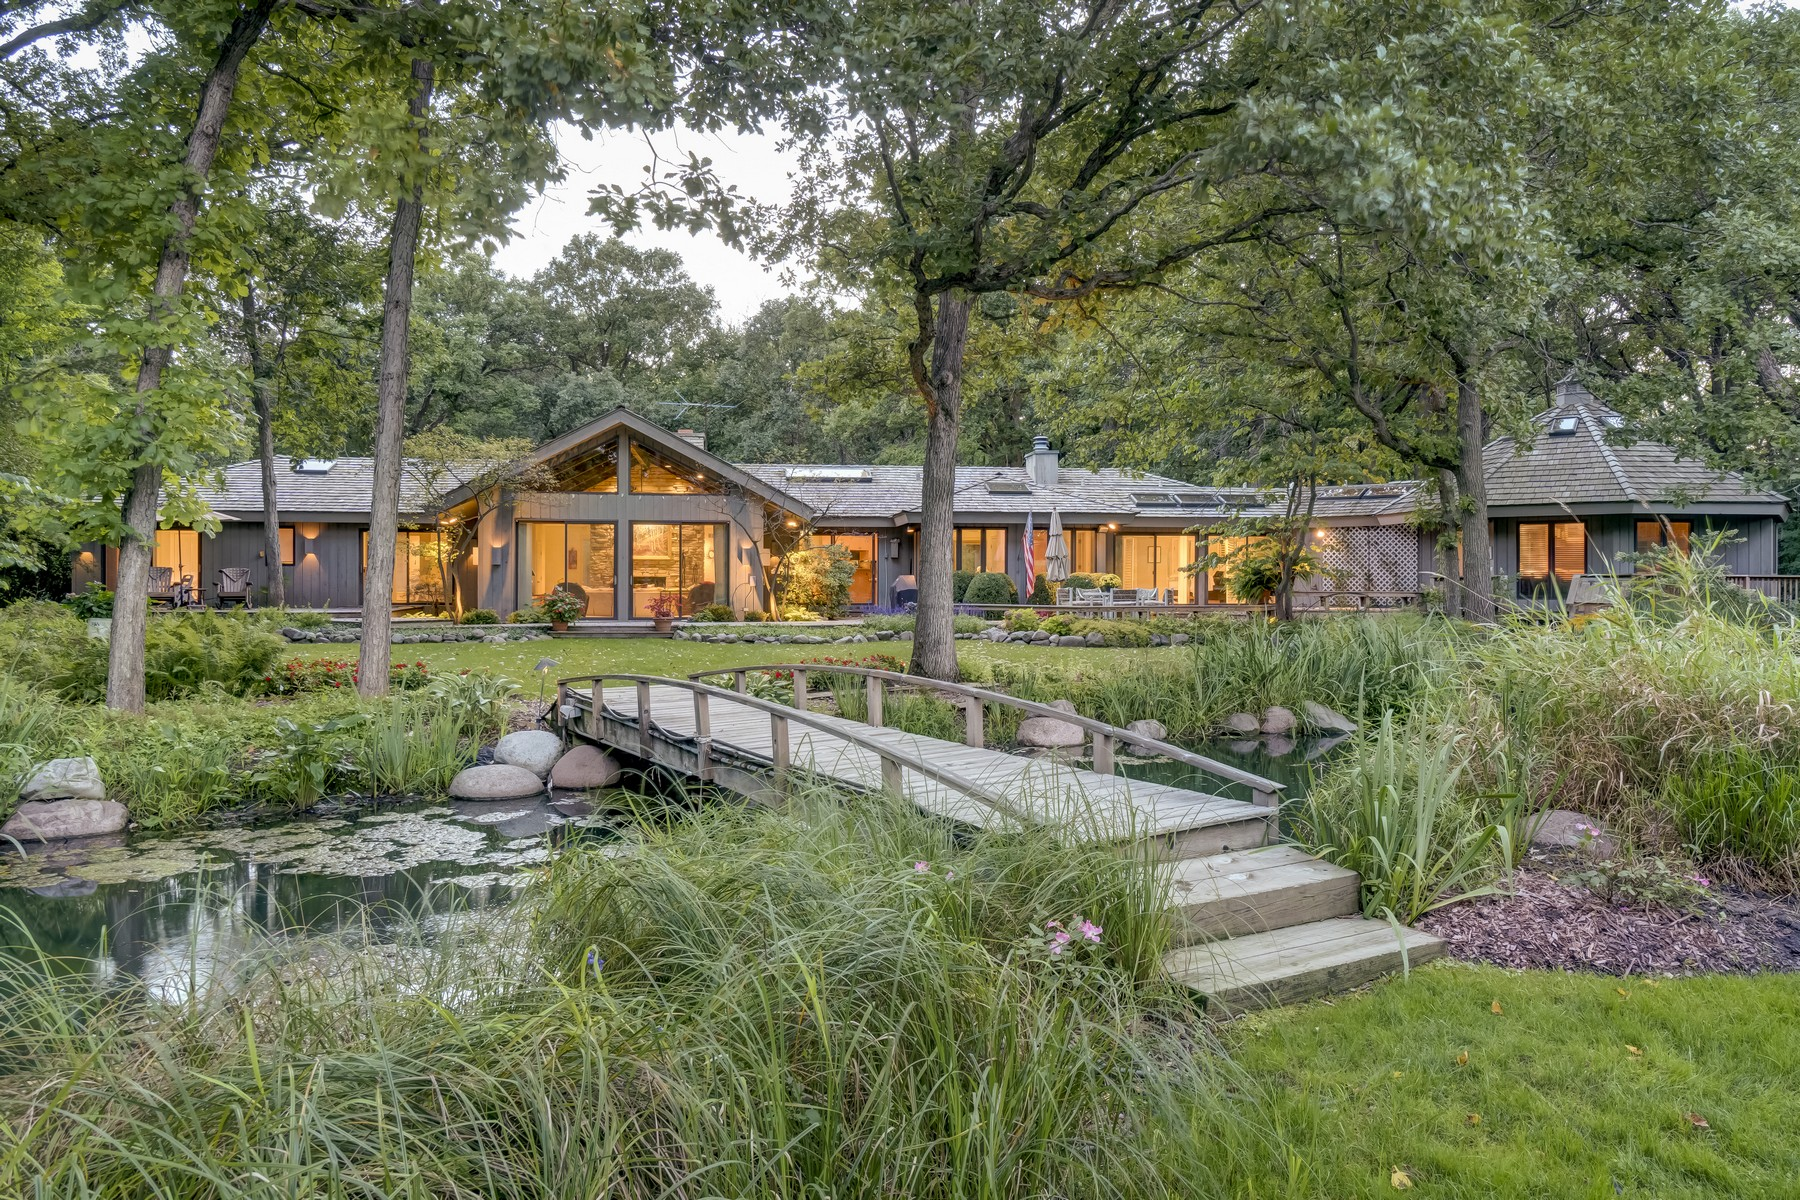 独户住宅 为 销售 在 Awesome Sprawling Ranch 1910 Duffy Lane 班诺克本, 伊利诺斯州, 60015 美国